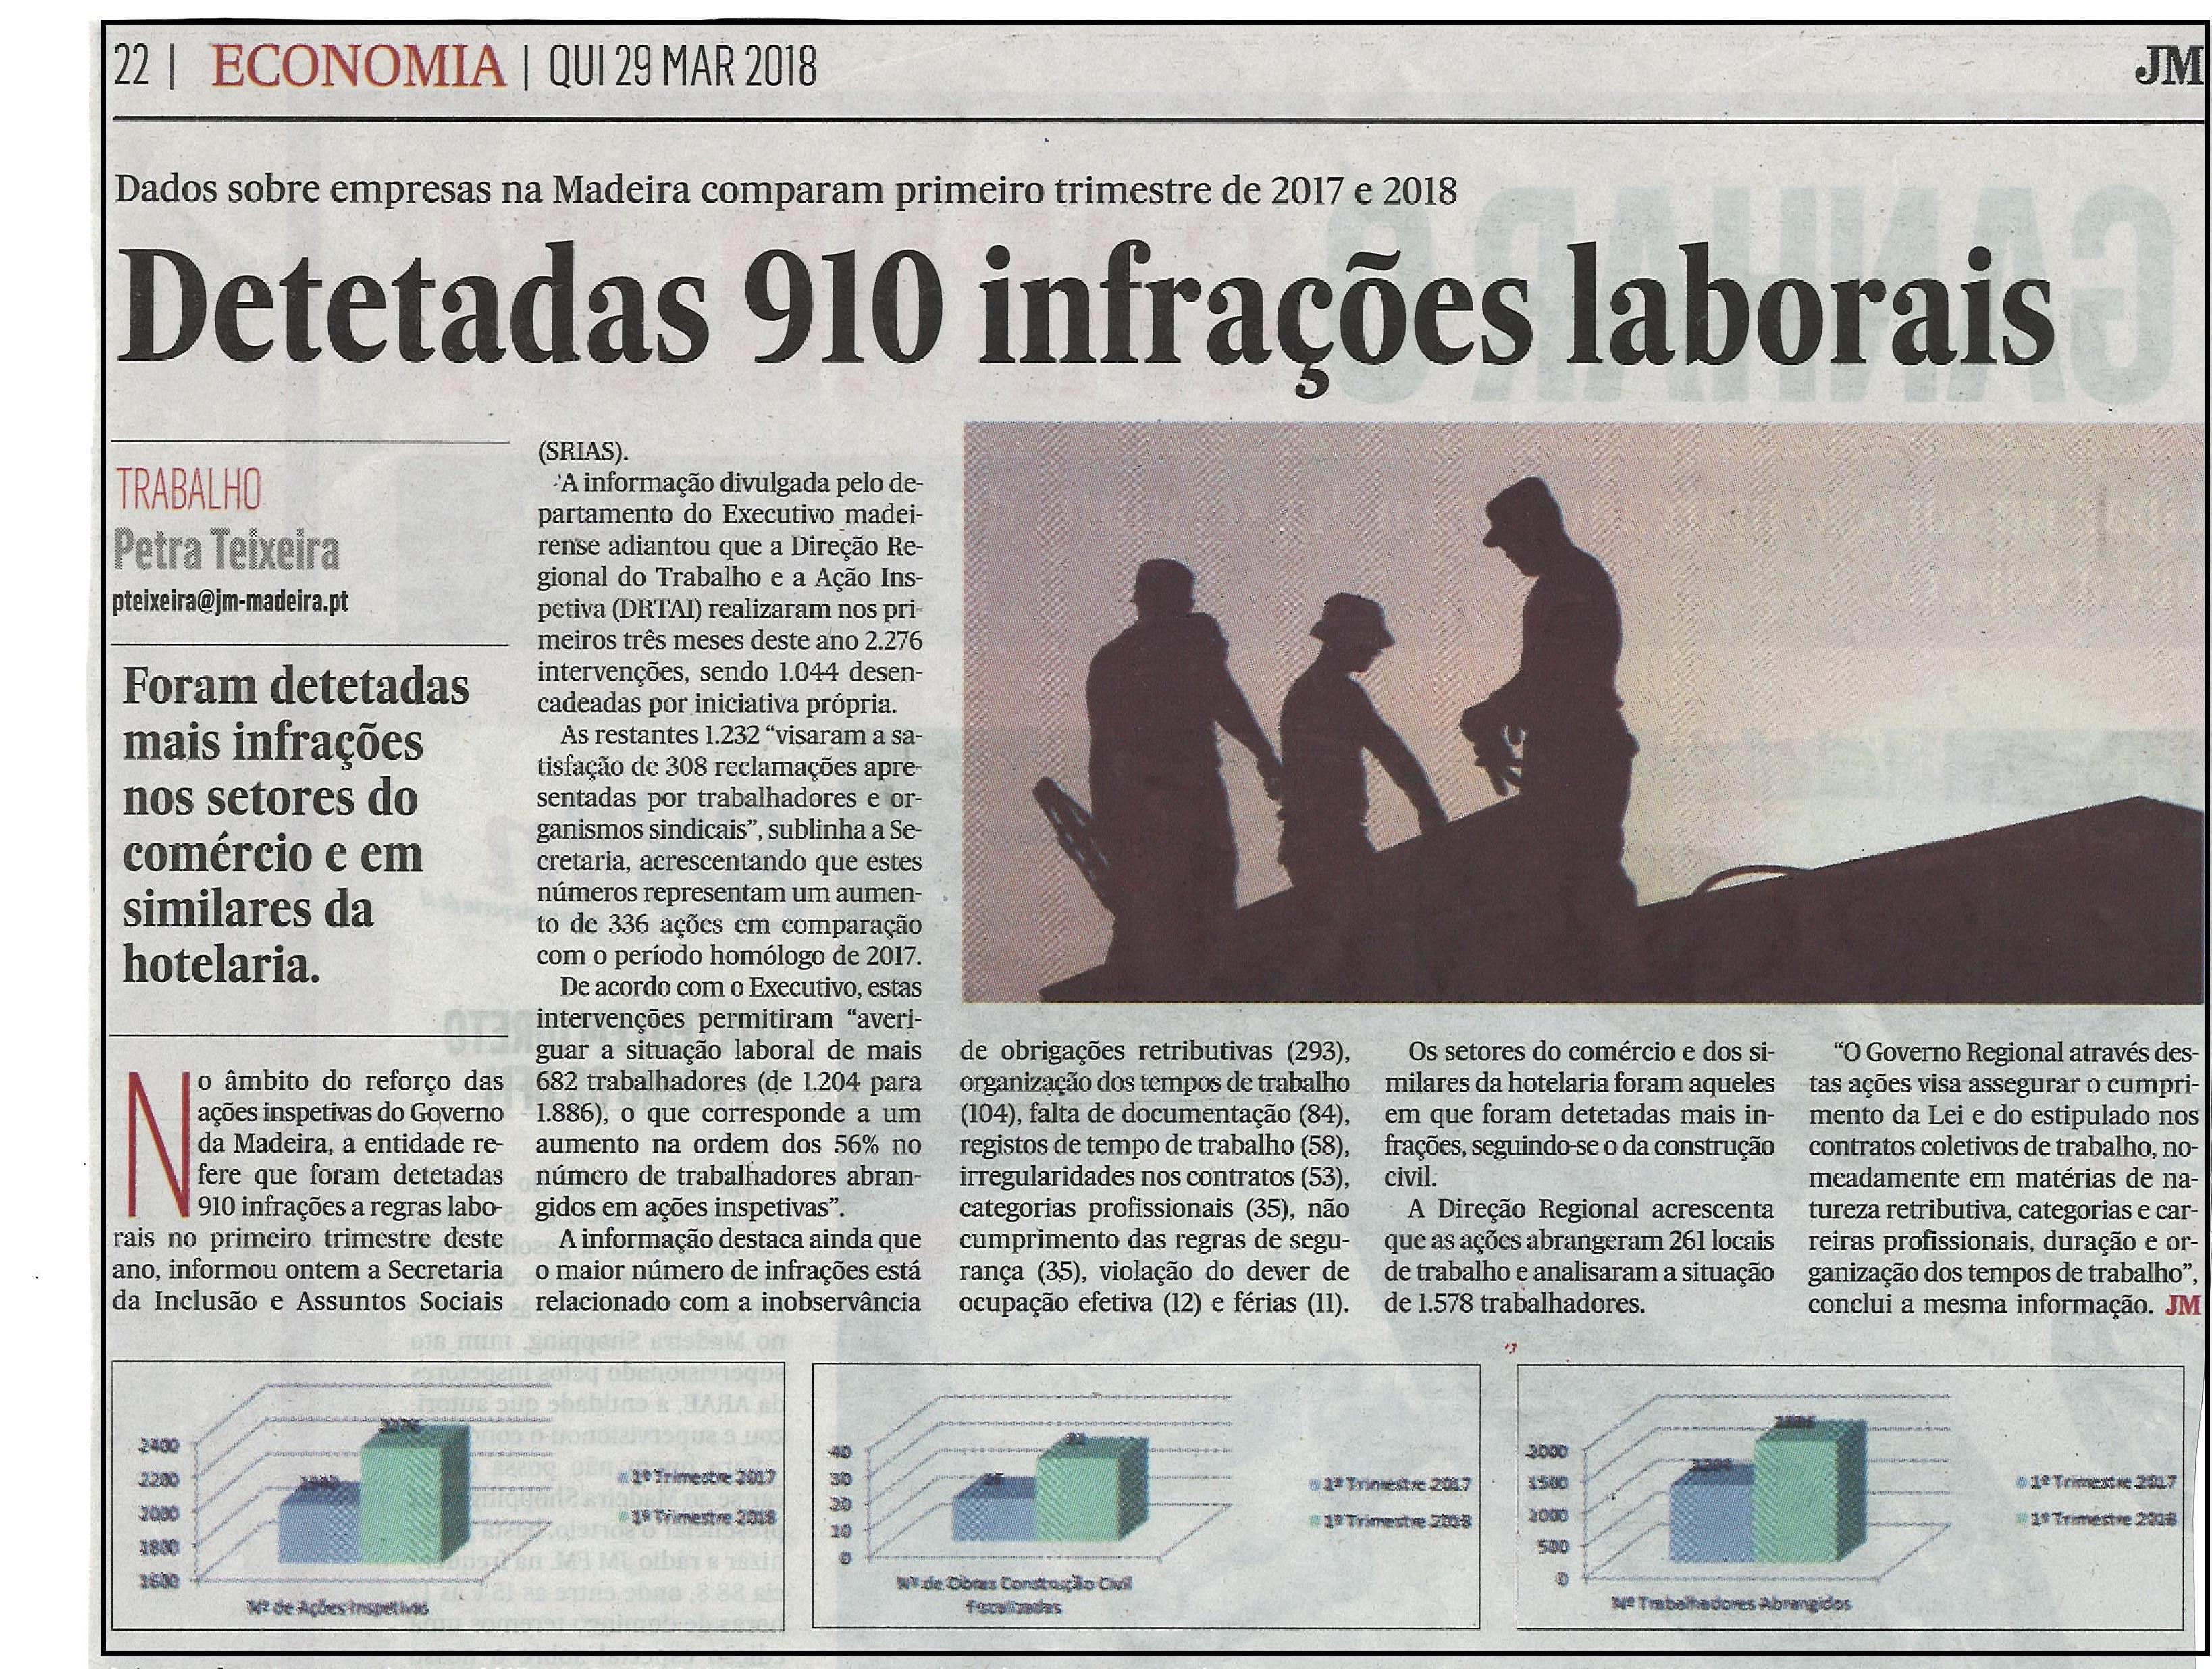 Infrações laborais 1.º Trimestre